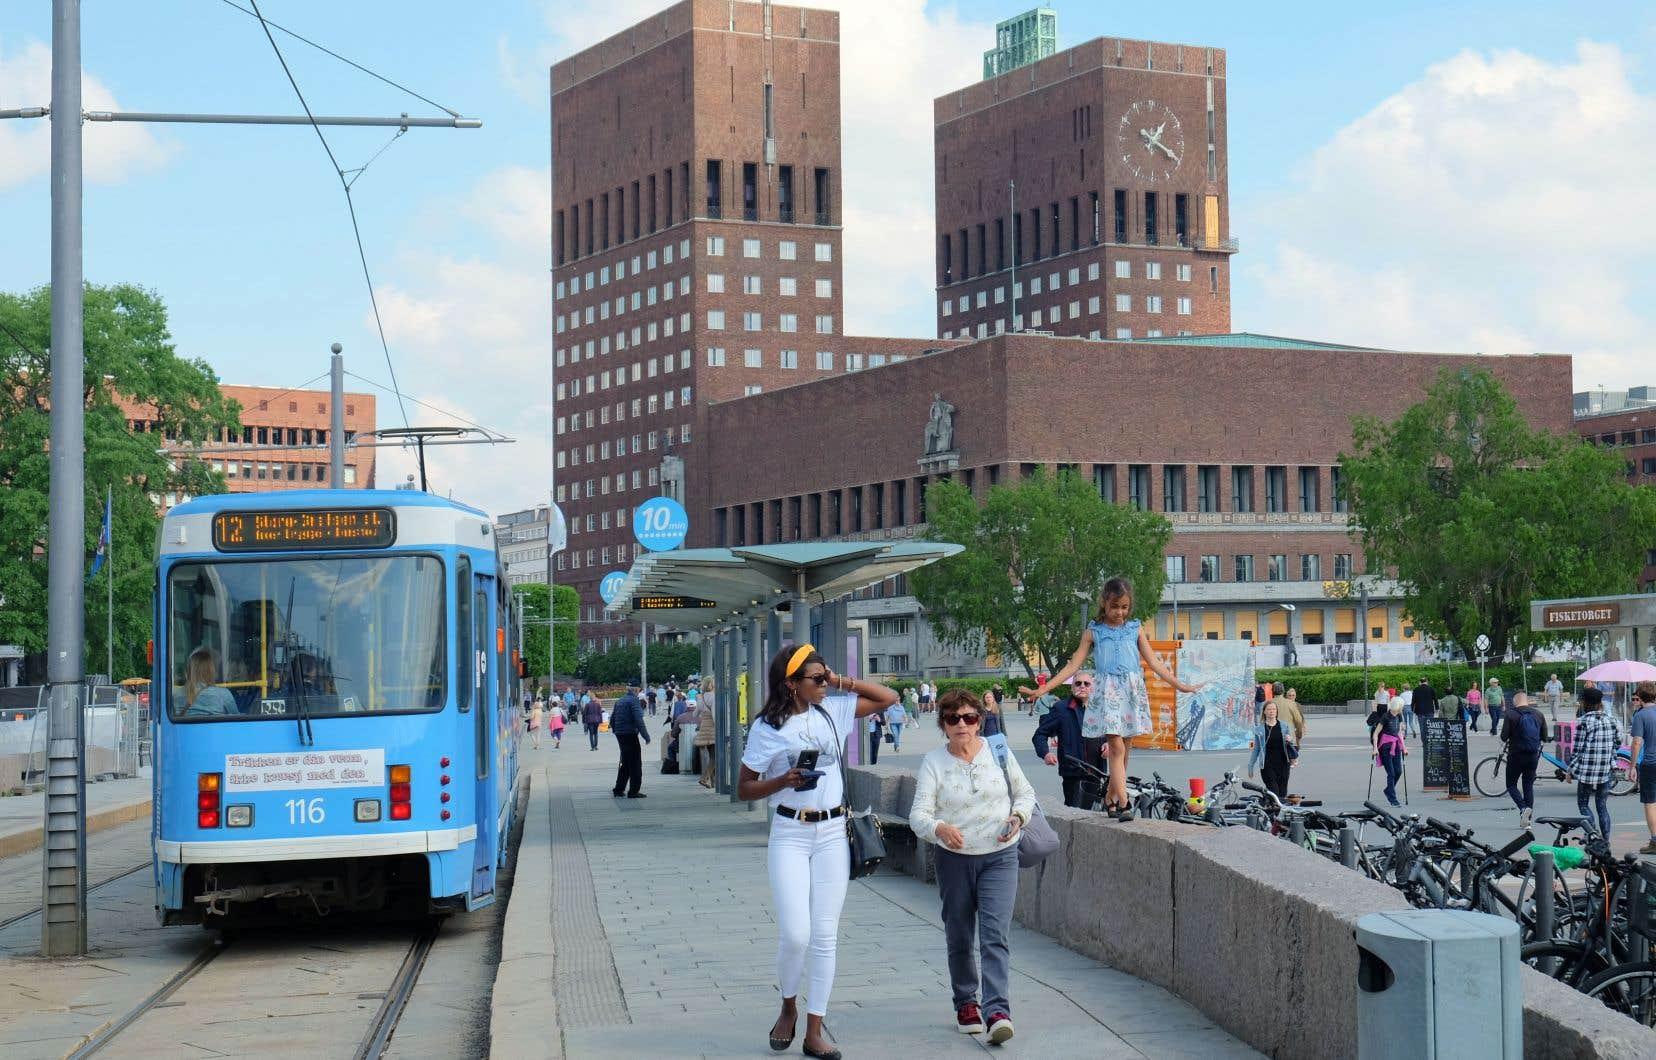 L'administration municipale d'Oslo, qui siège à l'hôtel de ville situé en arrière-plan, attribue à ses différents services des cibles de réduction de GES.